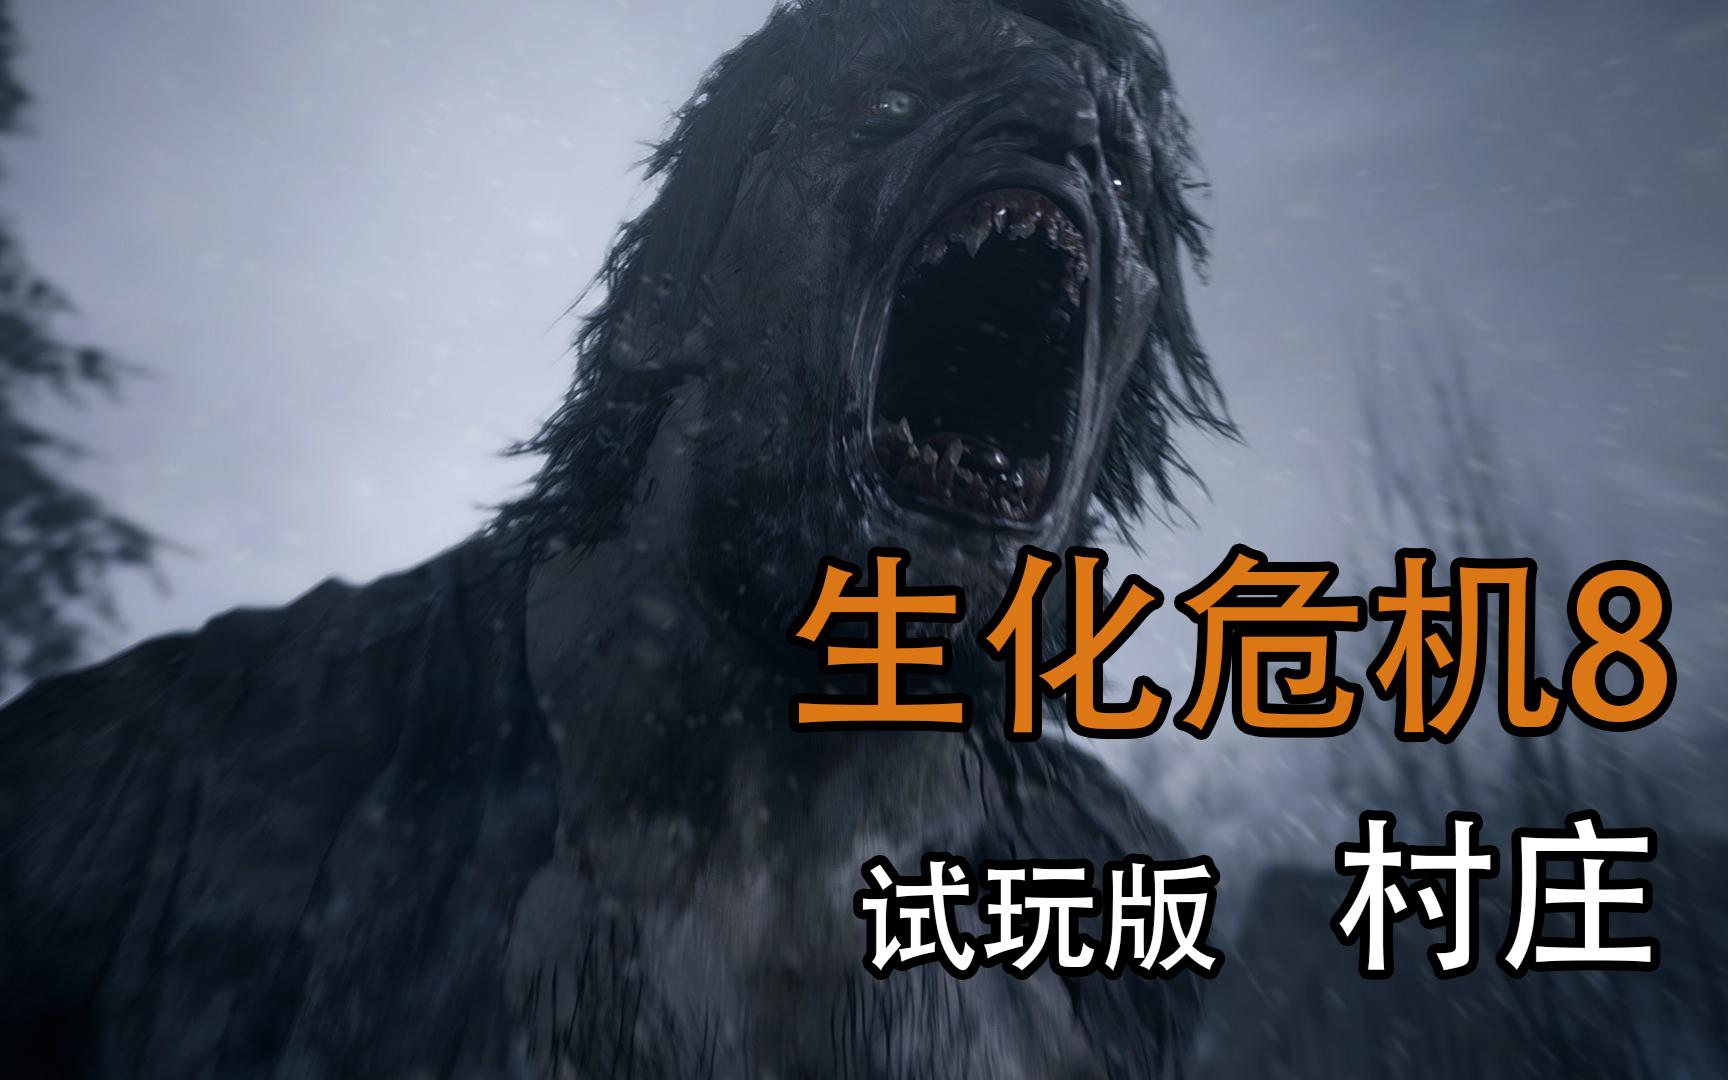 【东方】《生化危机8村庄》剧情流程解说 热情狼人与我相拥